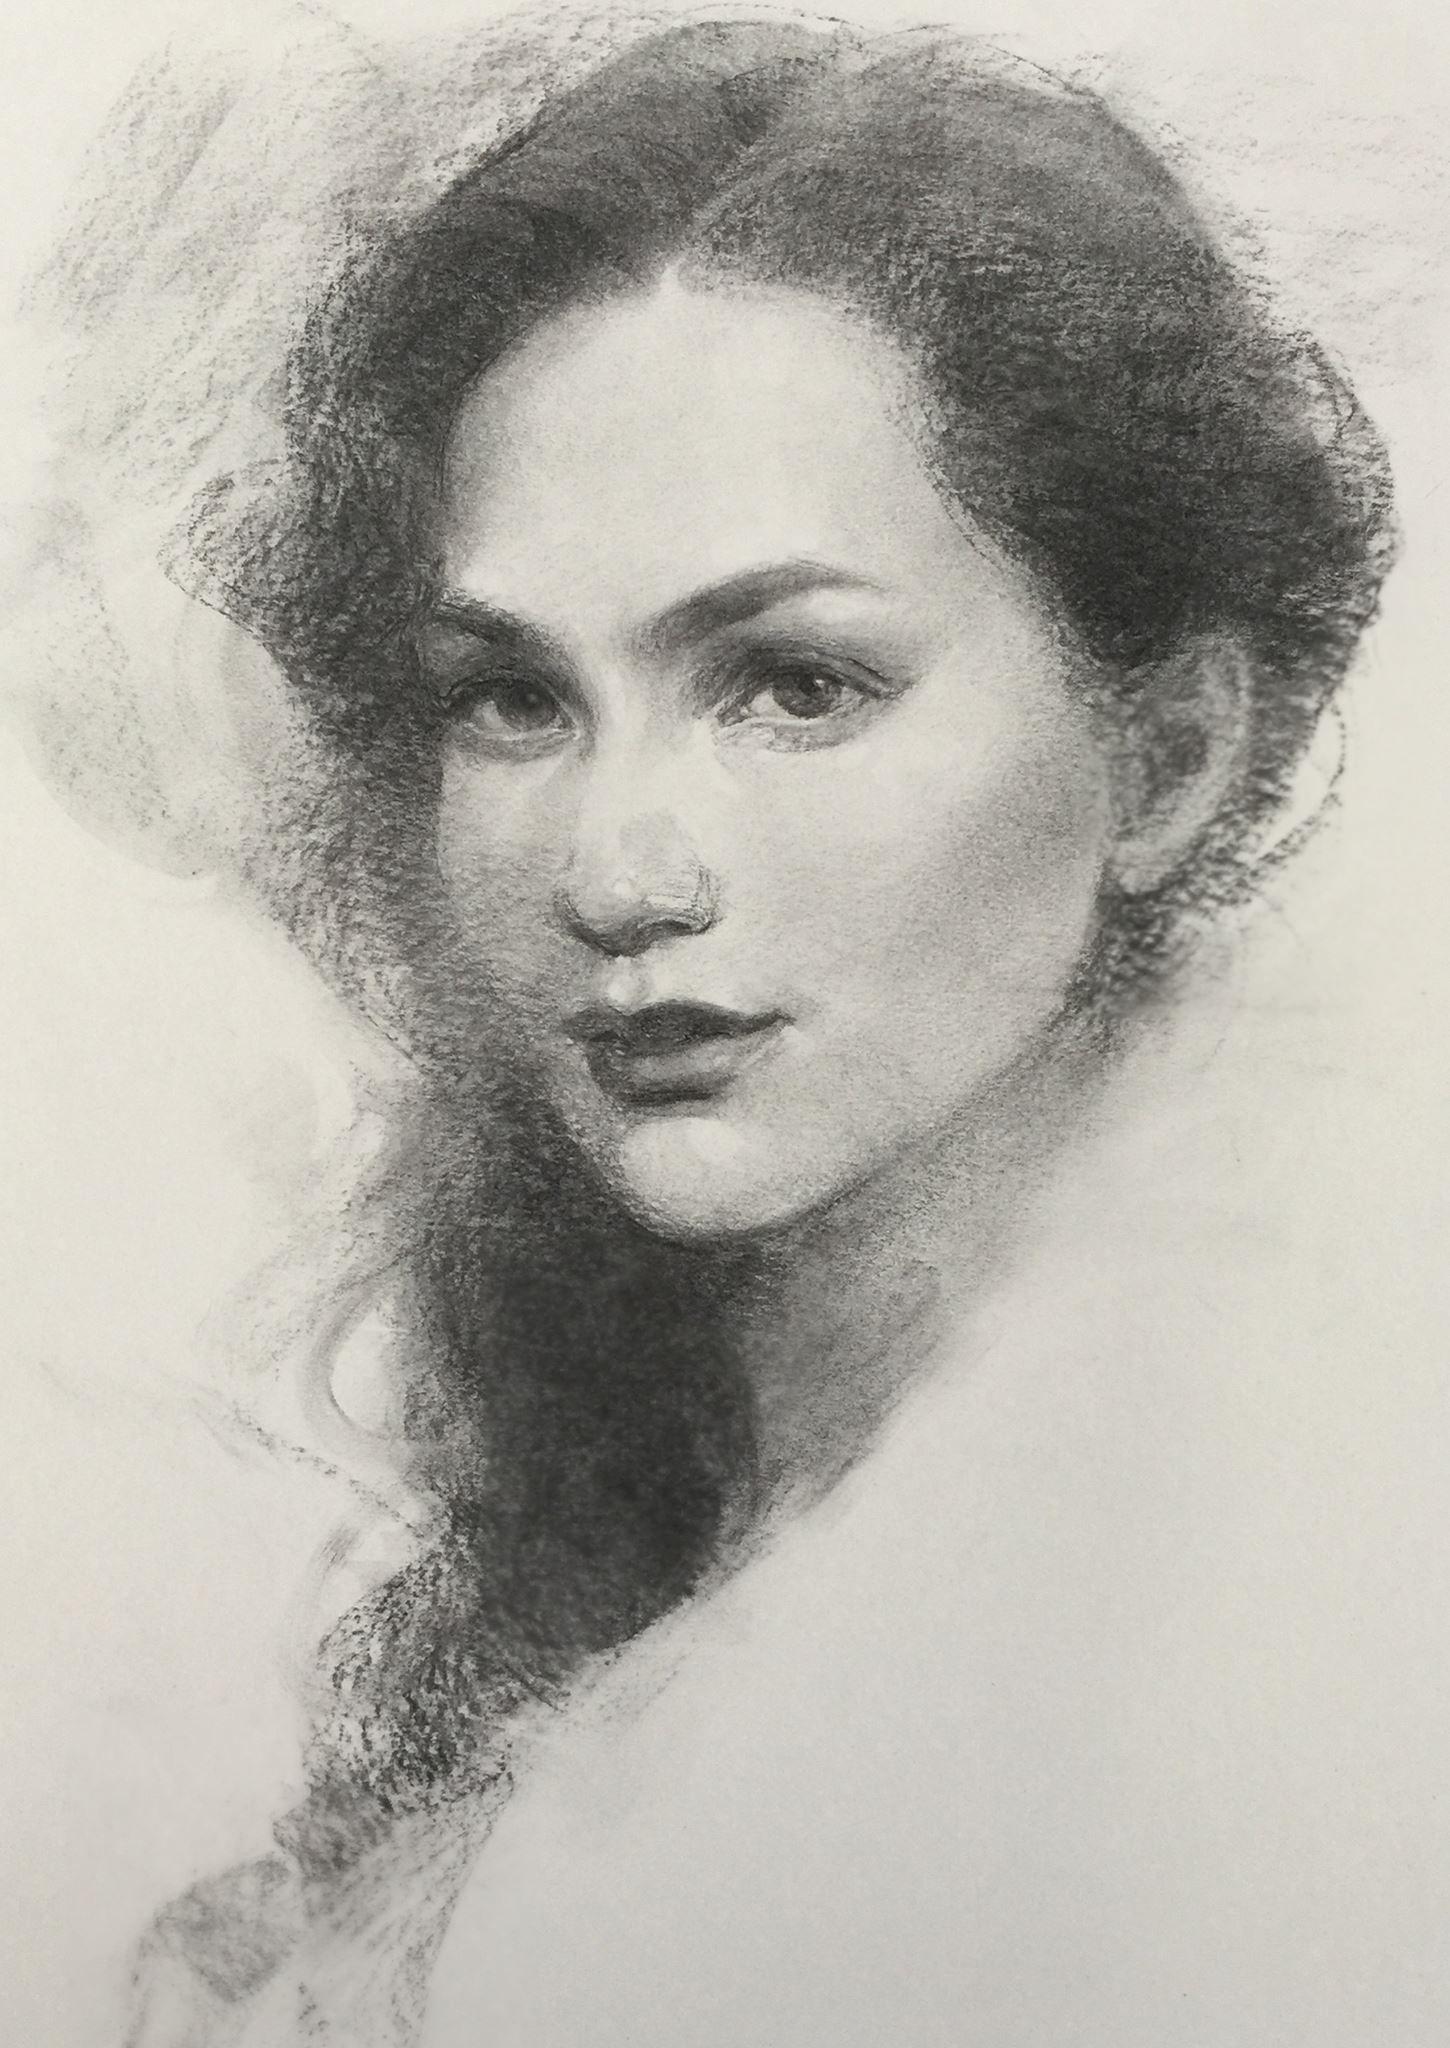 Портретная живопись: графический портрет